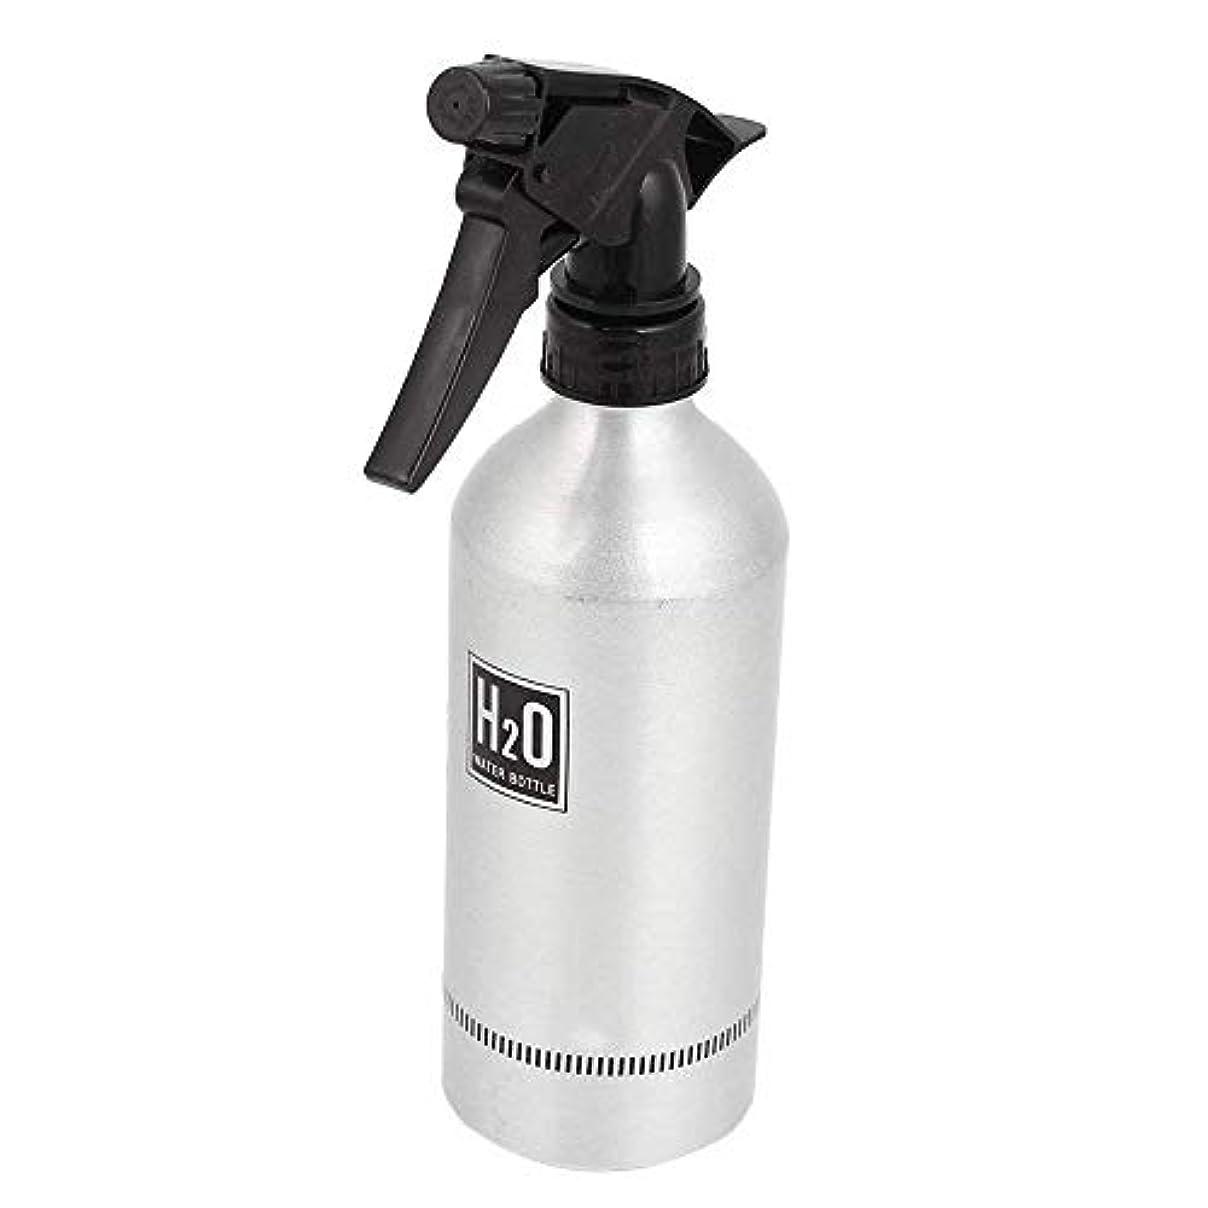 一般化する通りメロディアスOnior アルミ スプレー缶 水髪器 スプレー スプレーボトル 美容ツール サロン 理髪師 美容師 清潔 クリーニング 500ミリリットル